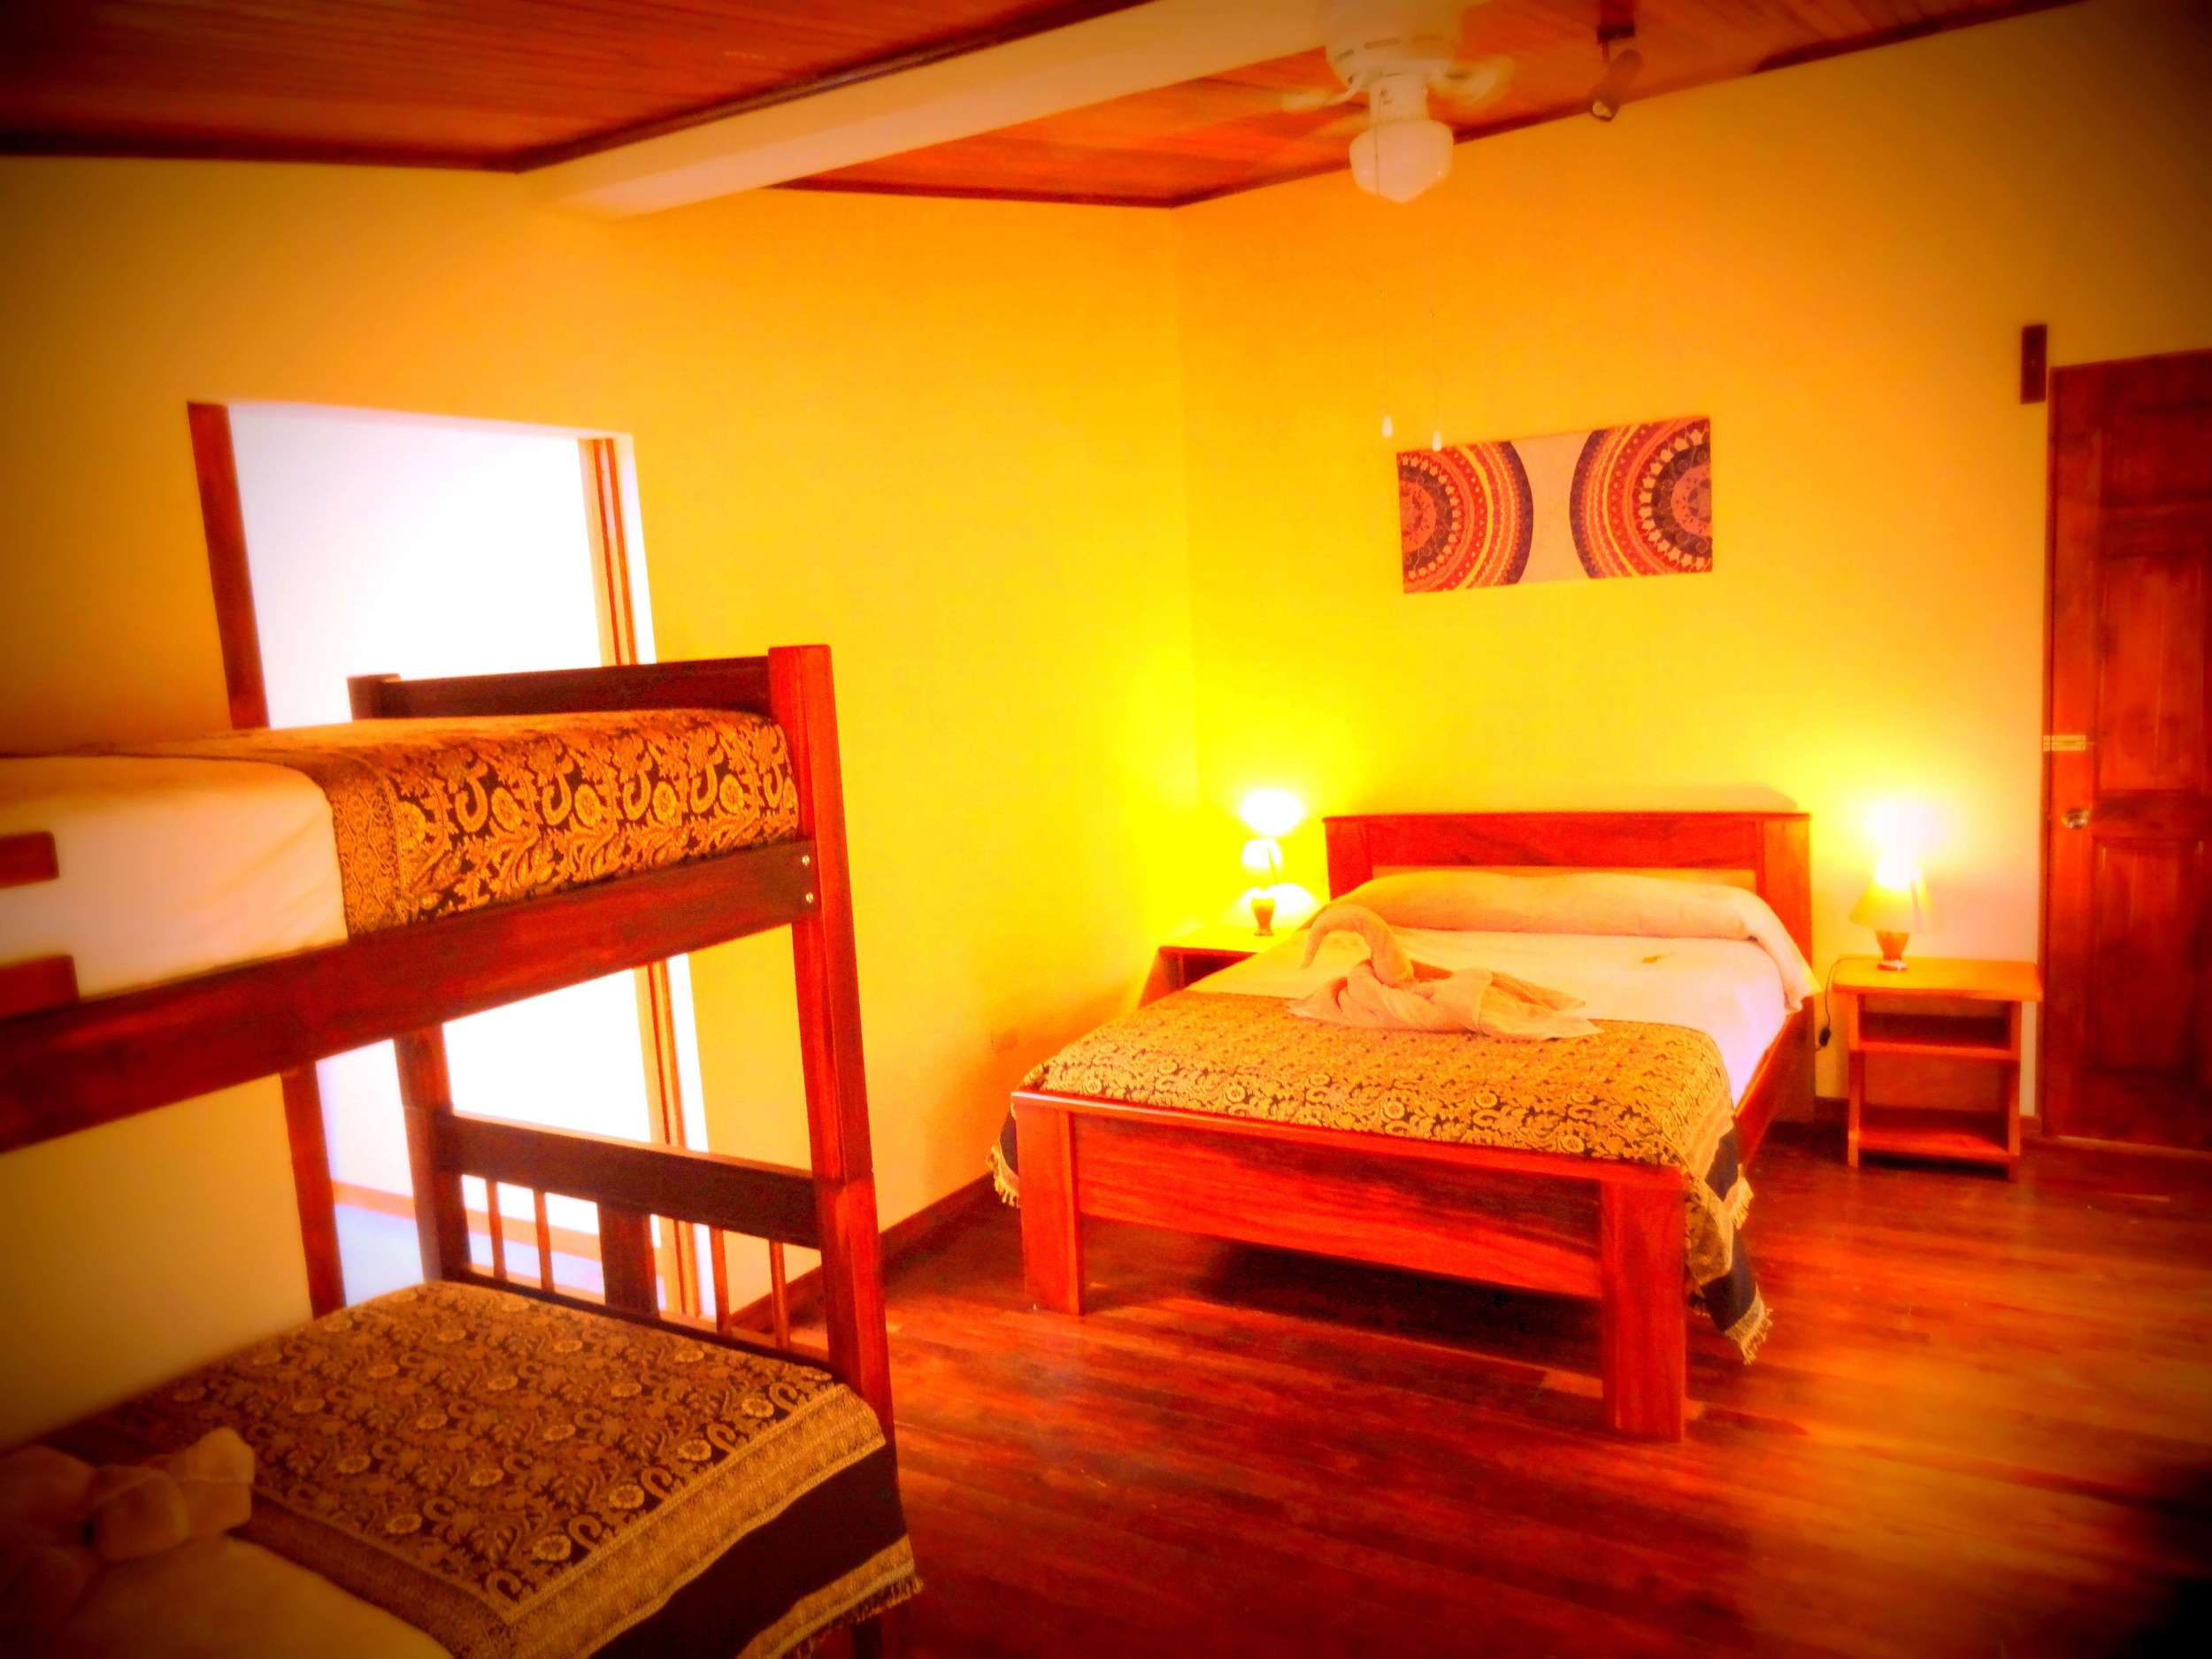 room-tucan-02.jpg